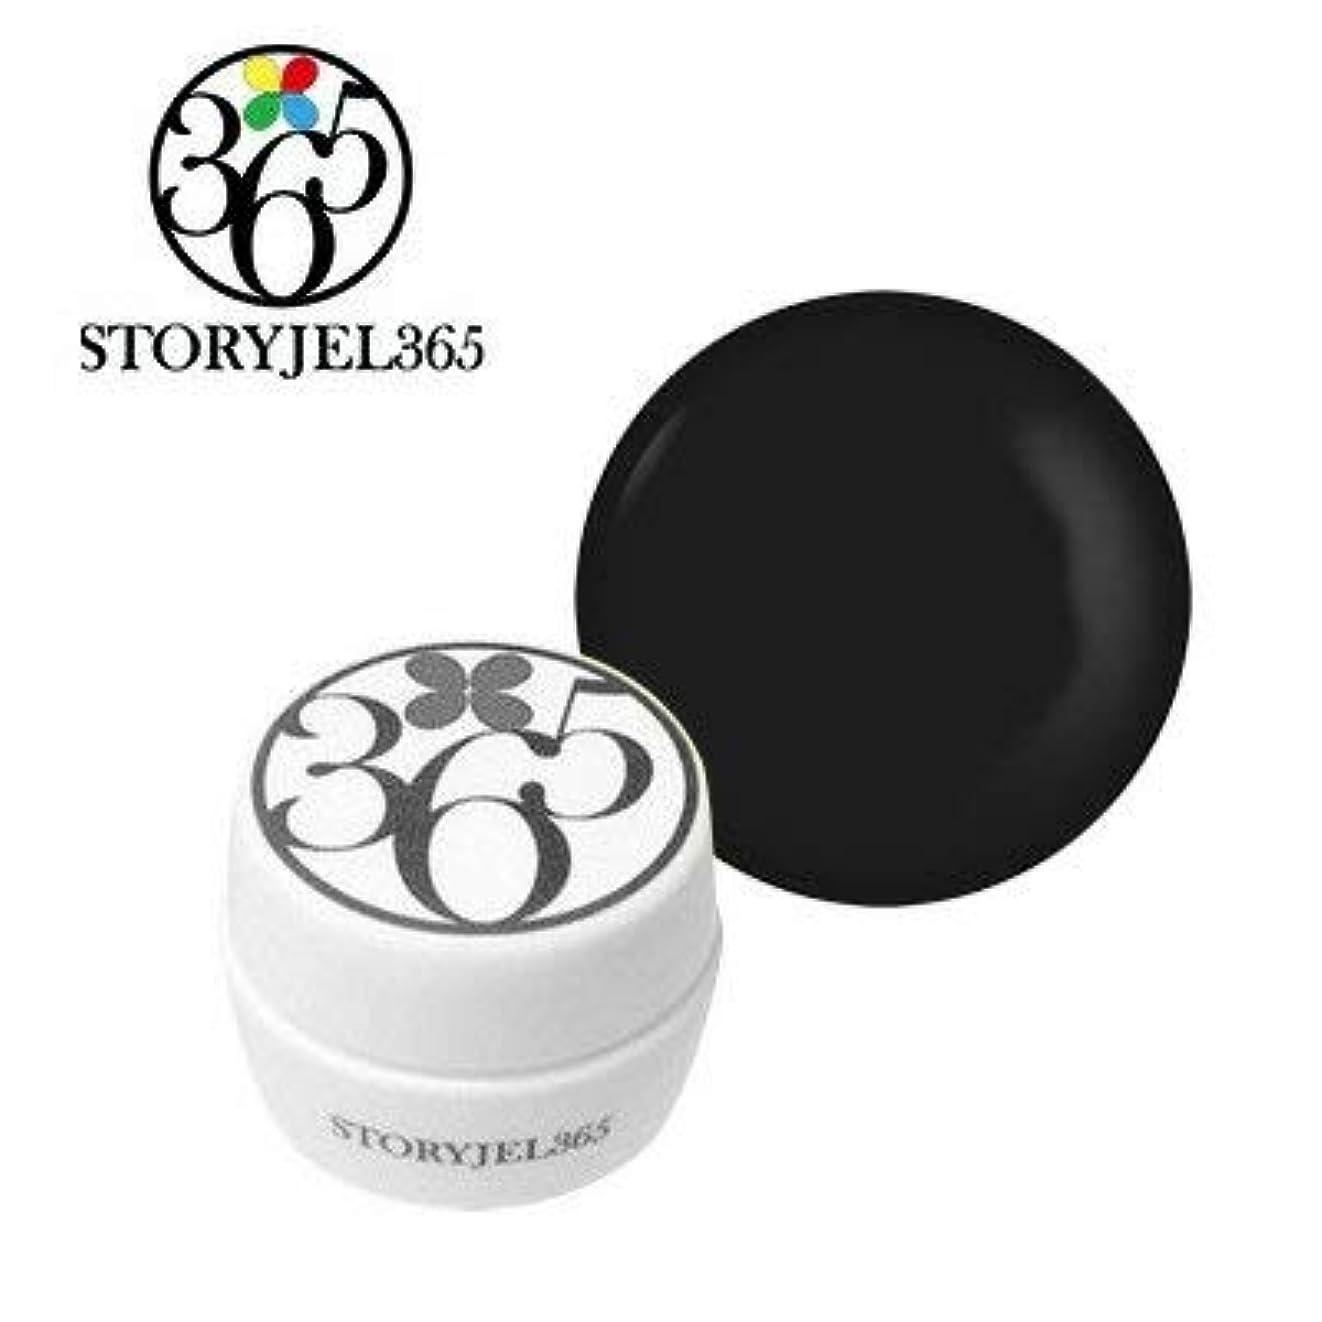 センサー保安付与STORYJEL365 カラージェル 5g (ストーリージェル) SJS-301M-D 聖なる石